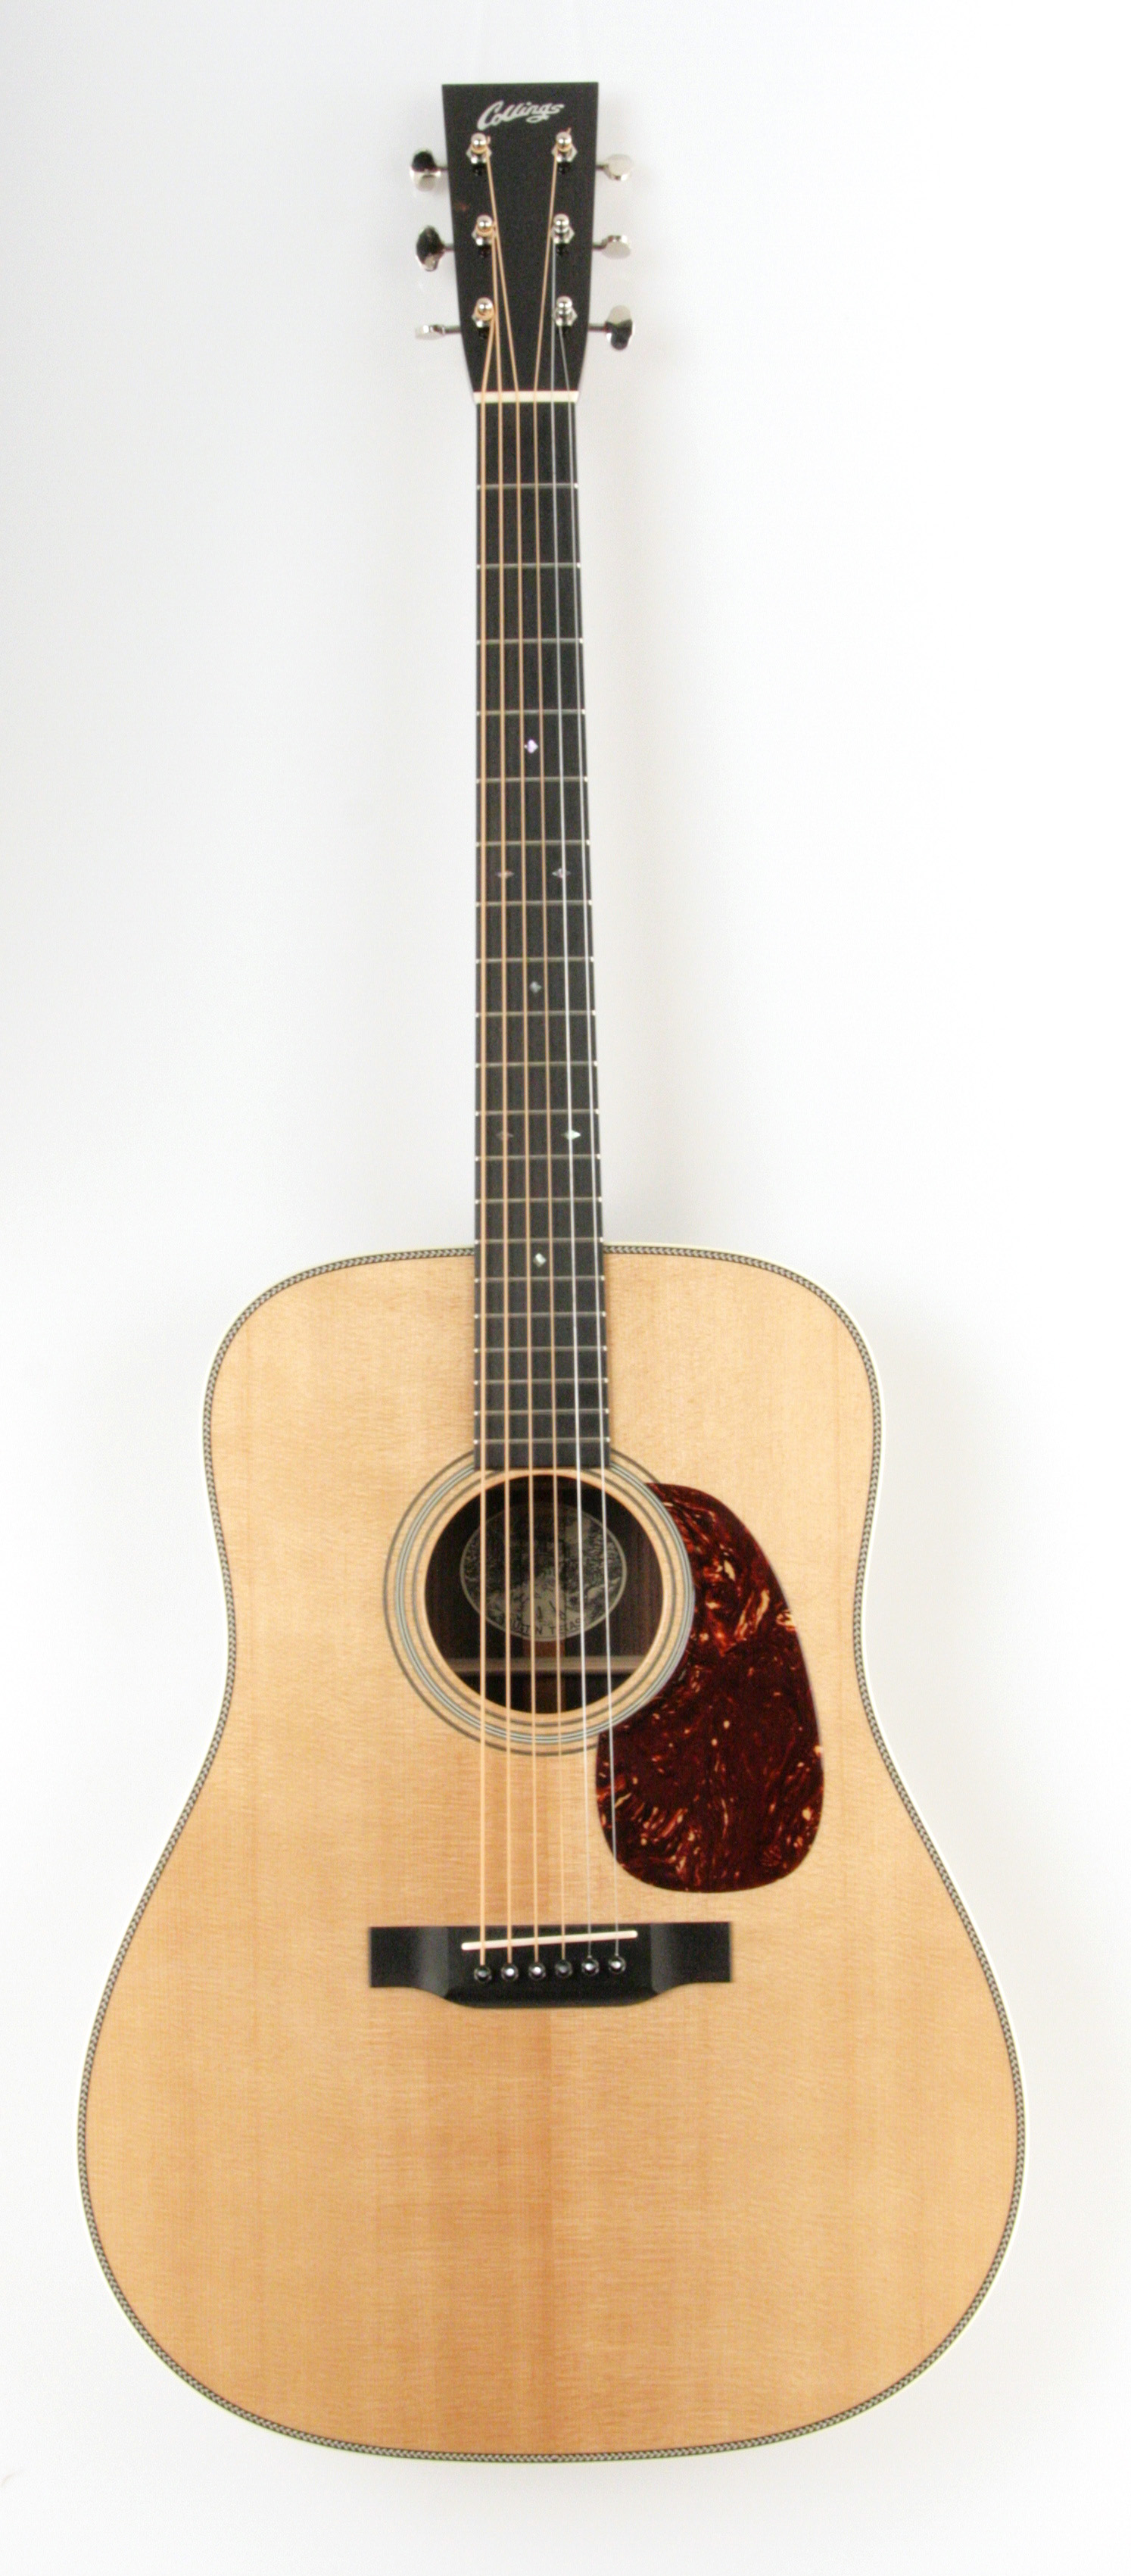 collings d2h 2013 guitar for sale no1 guitarshop. Black Bedroom Furniture Sets. Home Design Ideas